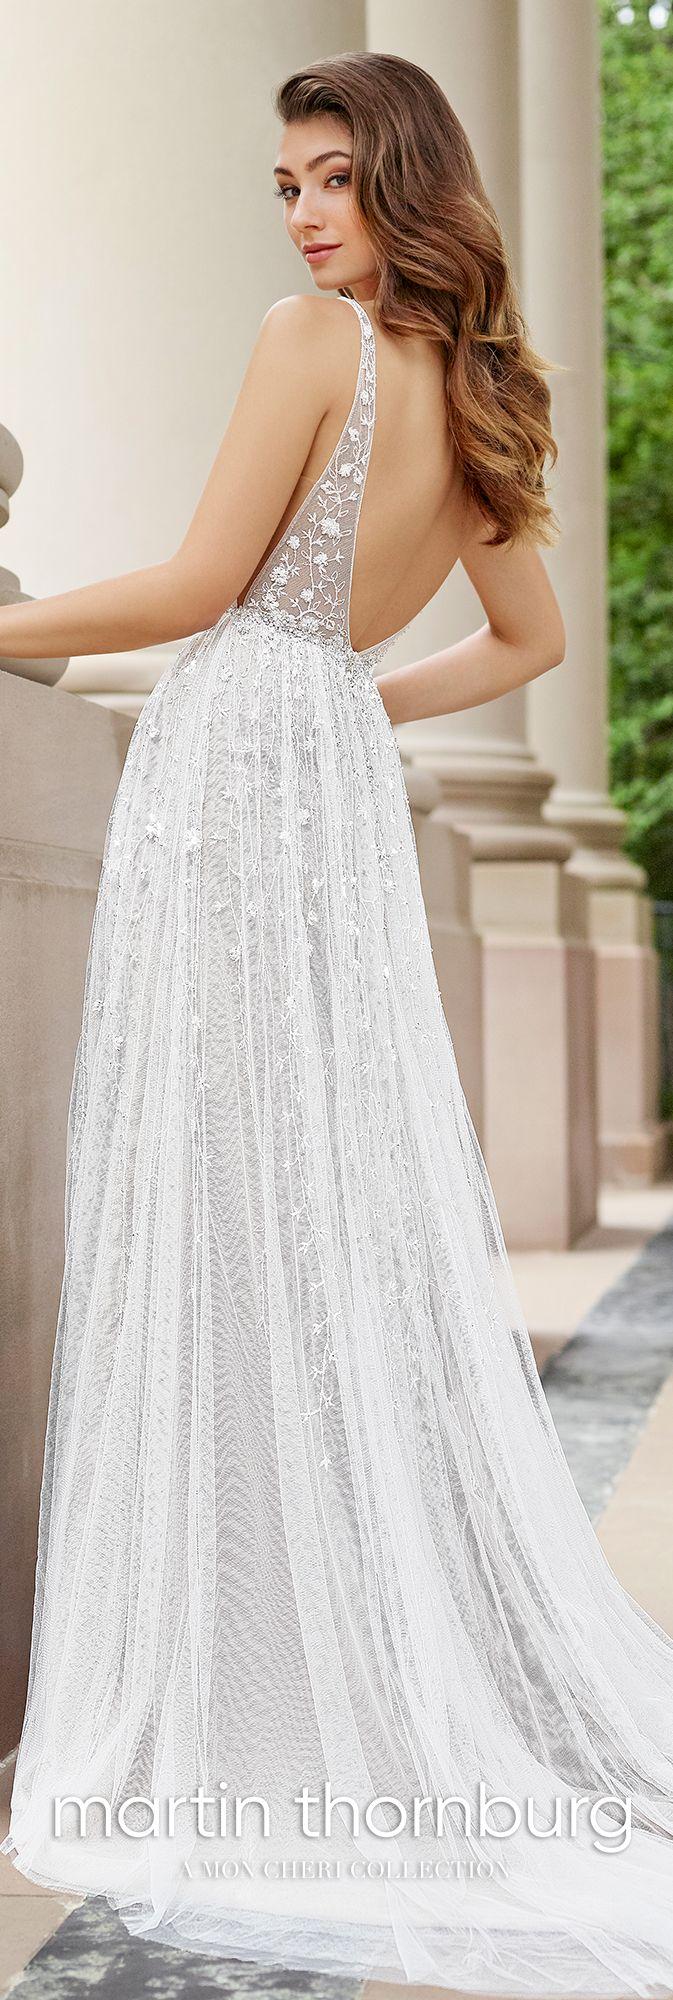 Embroidered V-Neckline A-Line Wedding Gown- 118254 Stanza | Blush ...